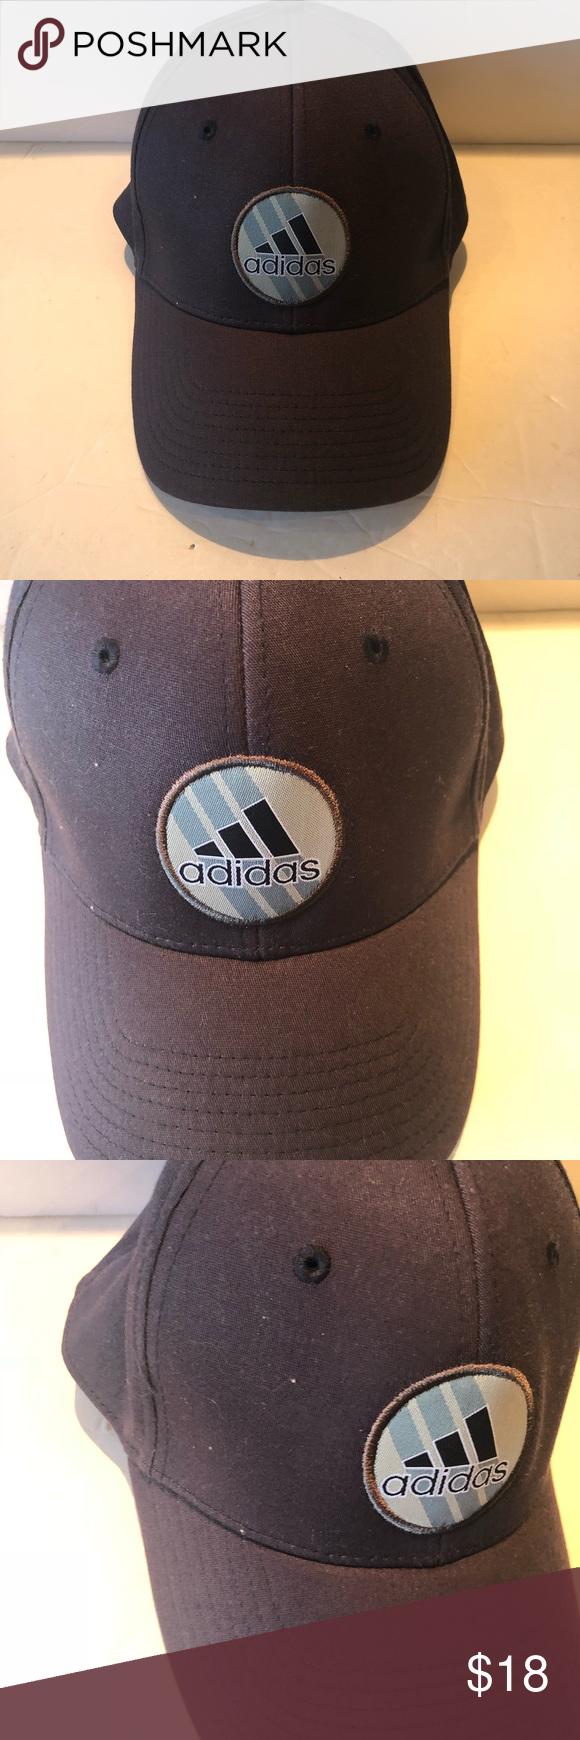 new product f39c4 bfc5e adidas Flex Fit Adjustable Hat Cap 3s adidas Flex Fit Adjustable Hat Cap 3s  L  XL Accessories Hats